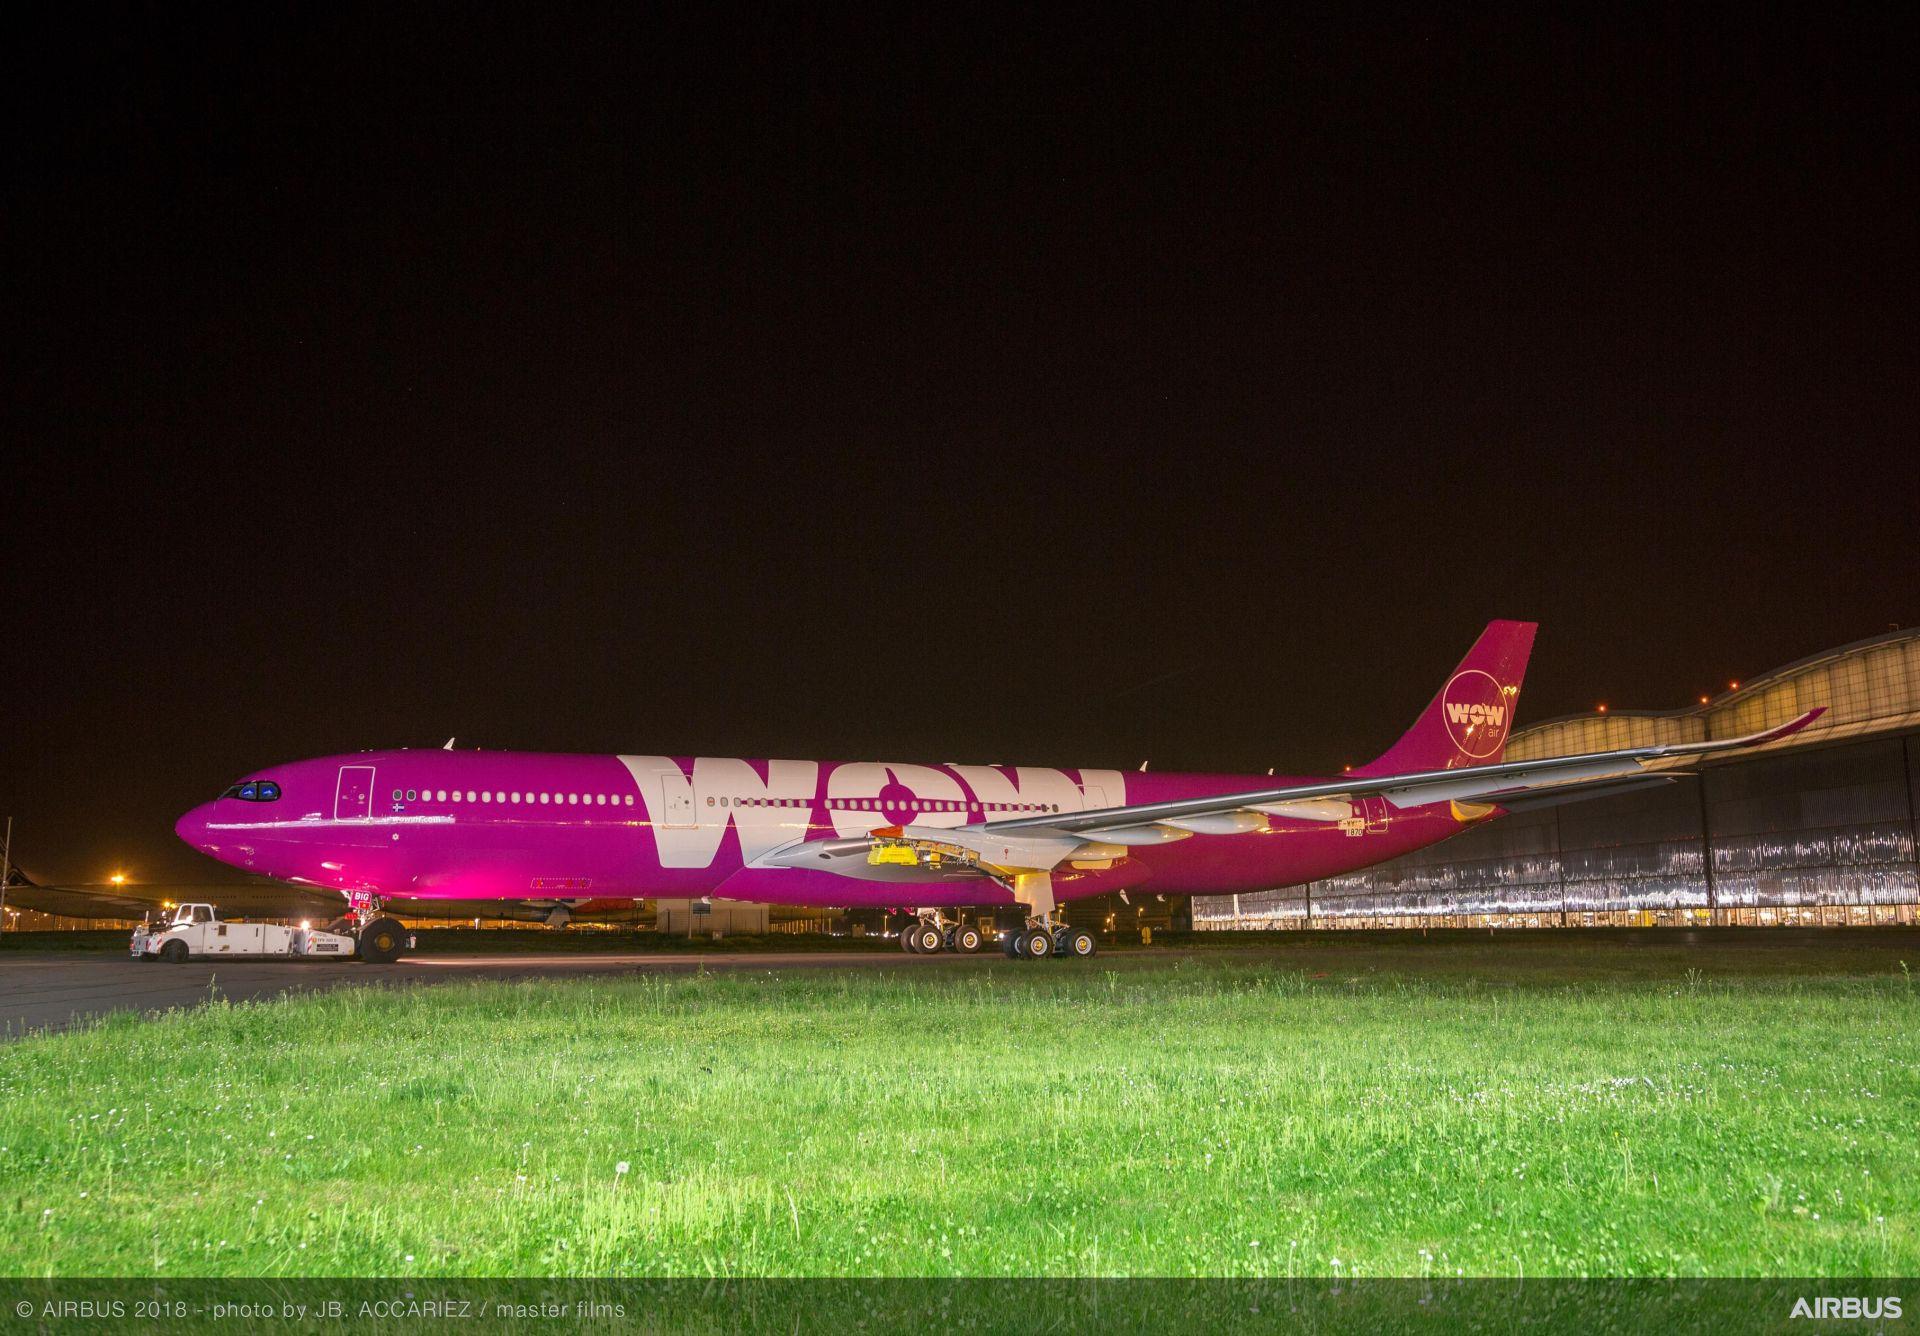 WOW Air letos zařadí do flotily první A330neo, na snímku z dubna po vytažení z lakovny. Foto: Airbus